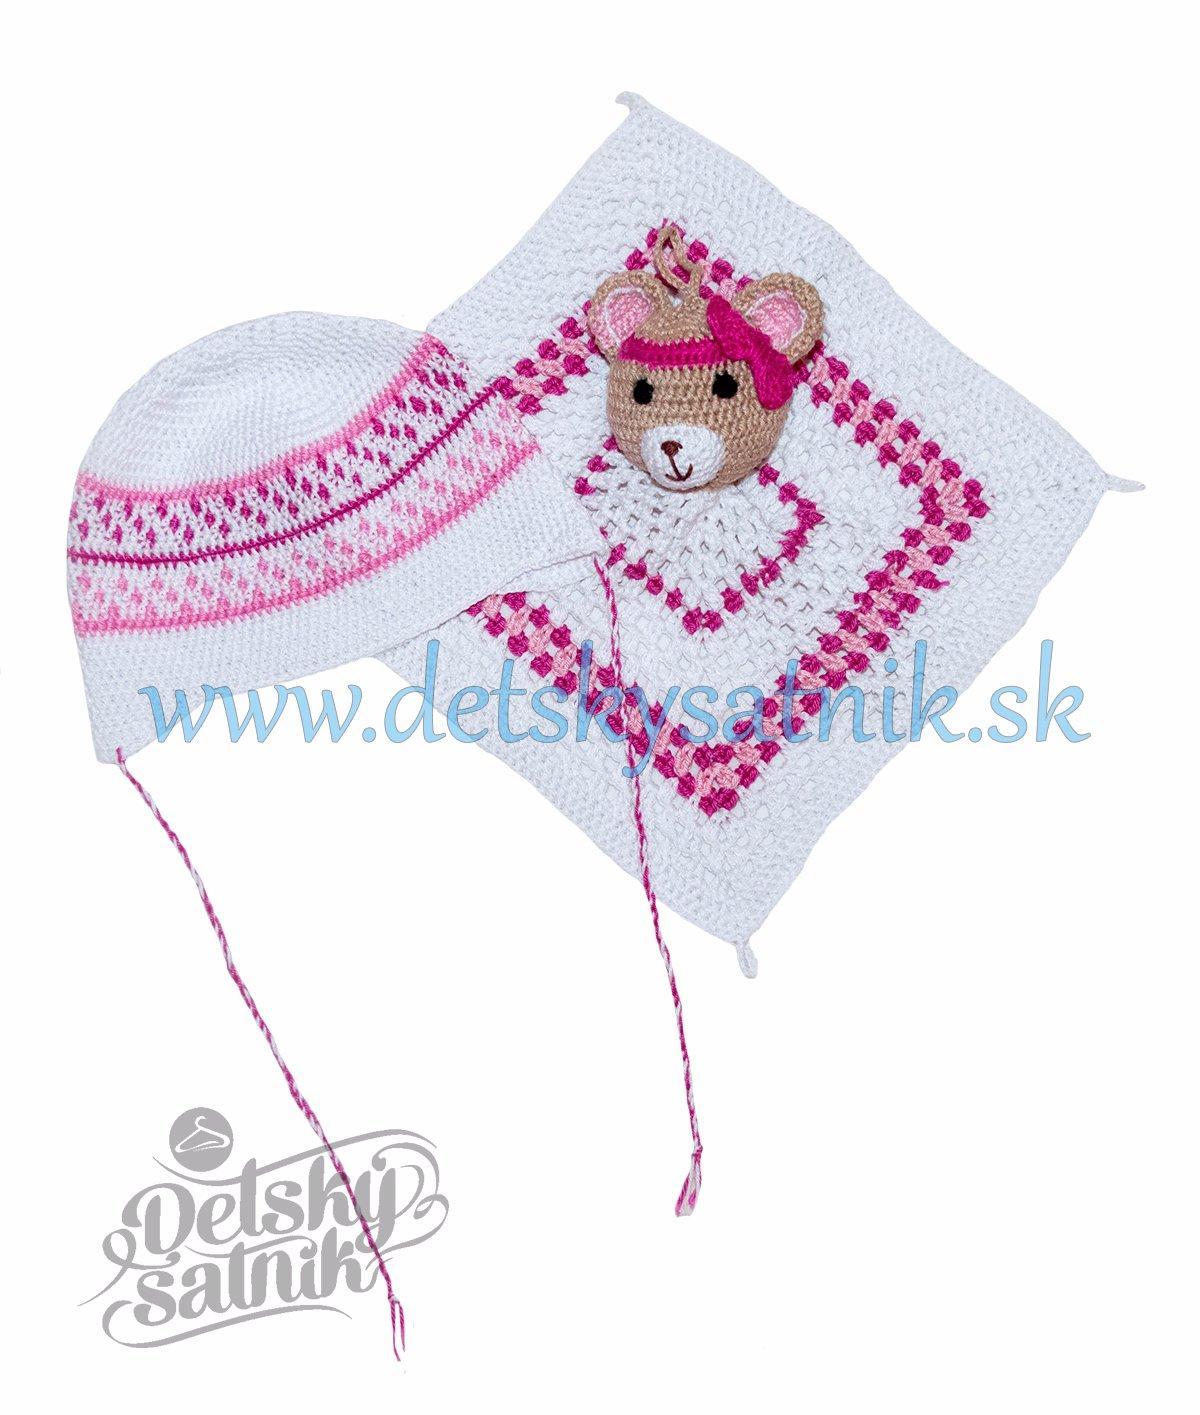 09ecf215413c Detská háčkovaná čiapka a mojkáčik pre novorodenca